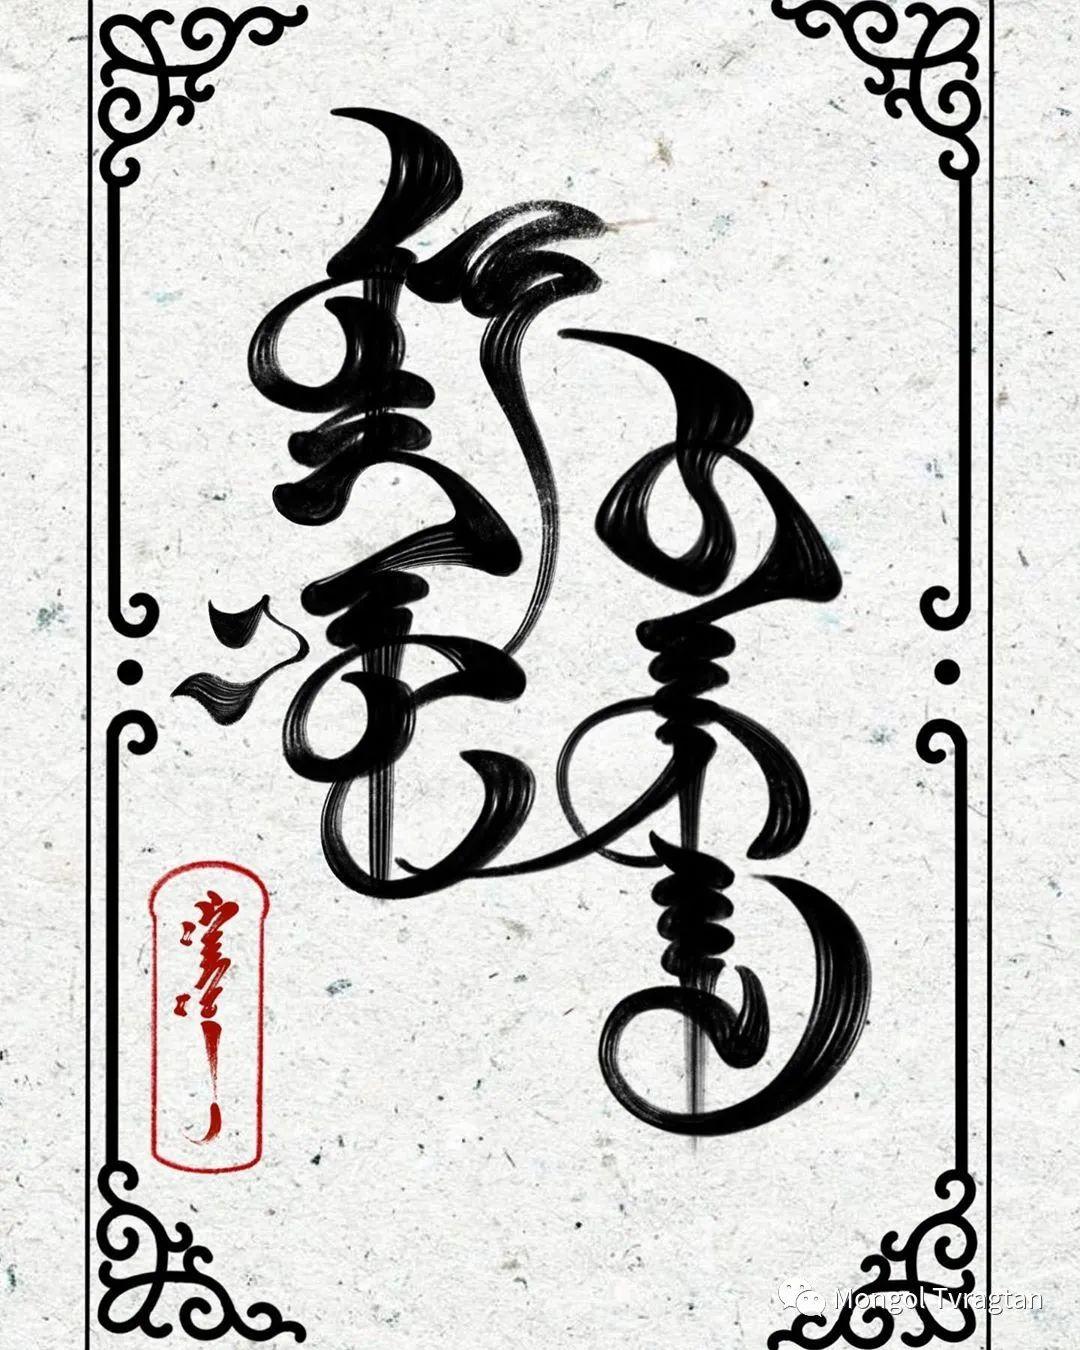 ᠤᠷᠠᠨ ᠪᠢᠴᠢᠯᠭᠡ 第9张 ᠤᠷᠠᠨ ᠪᠢᠴᠢᠯᠭᠡ 蒙古书法